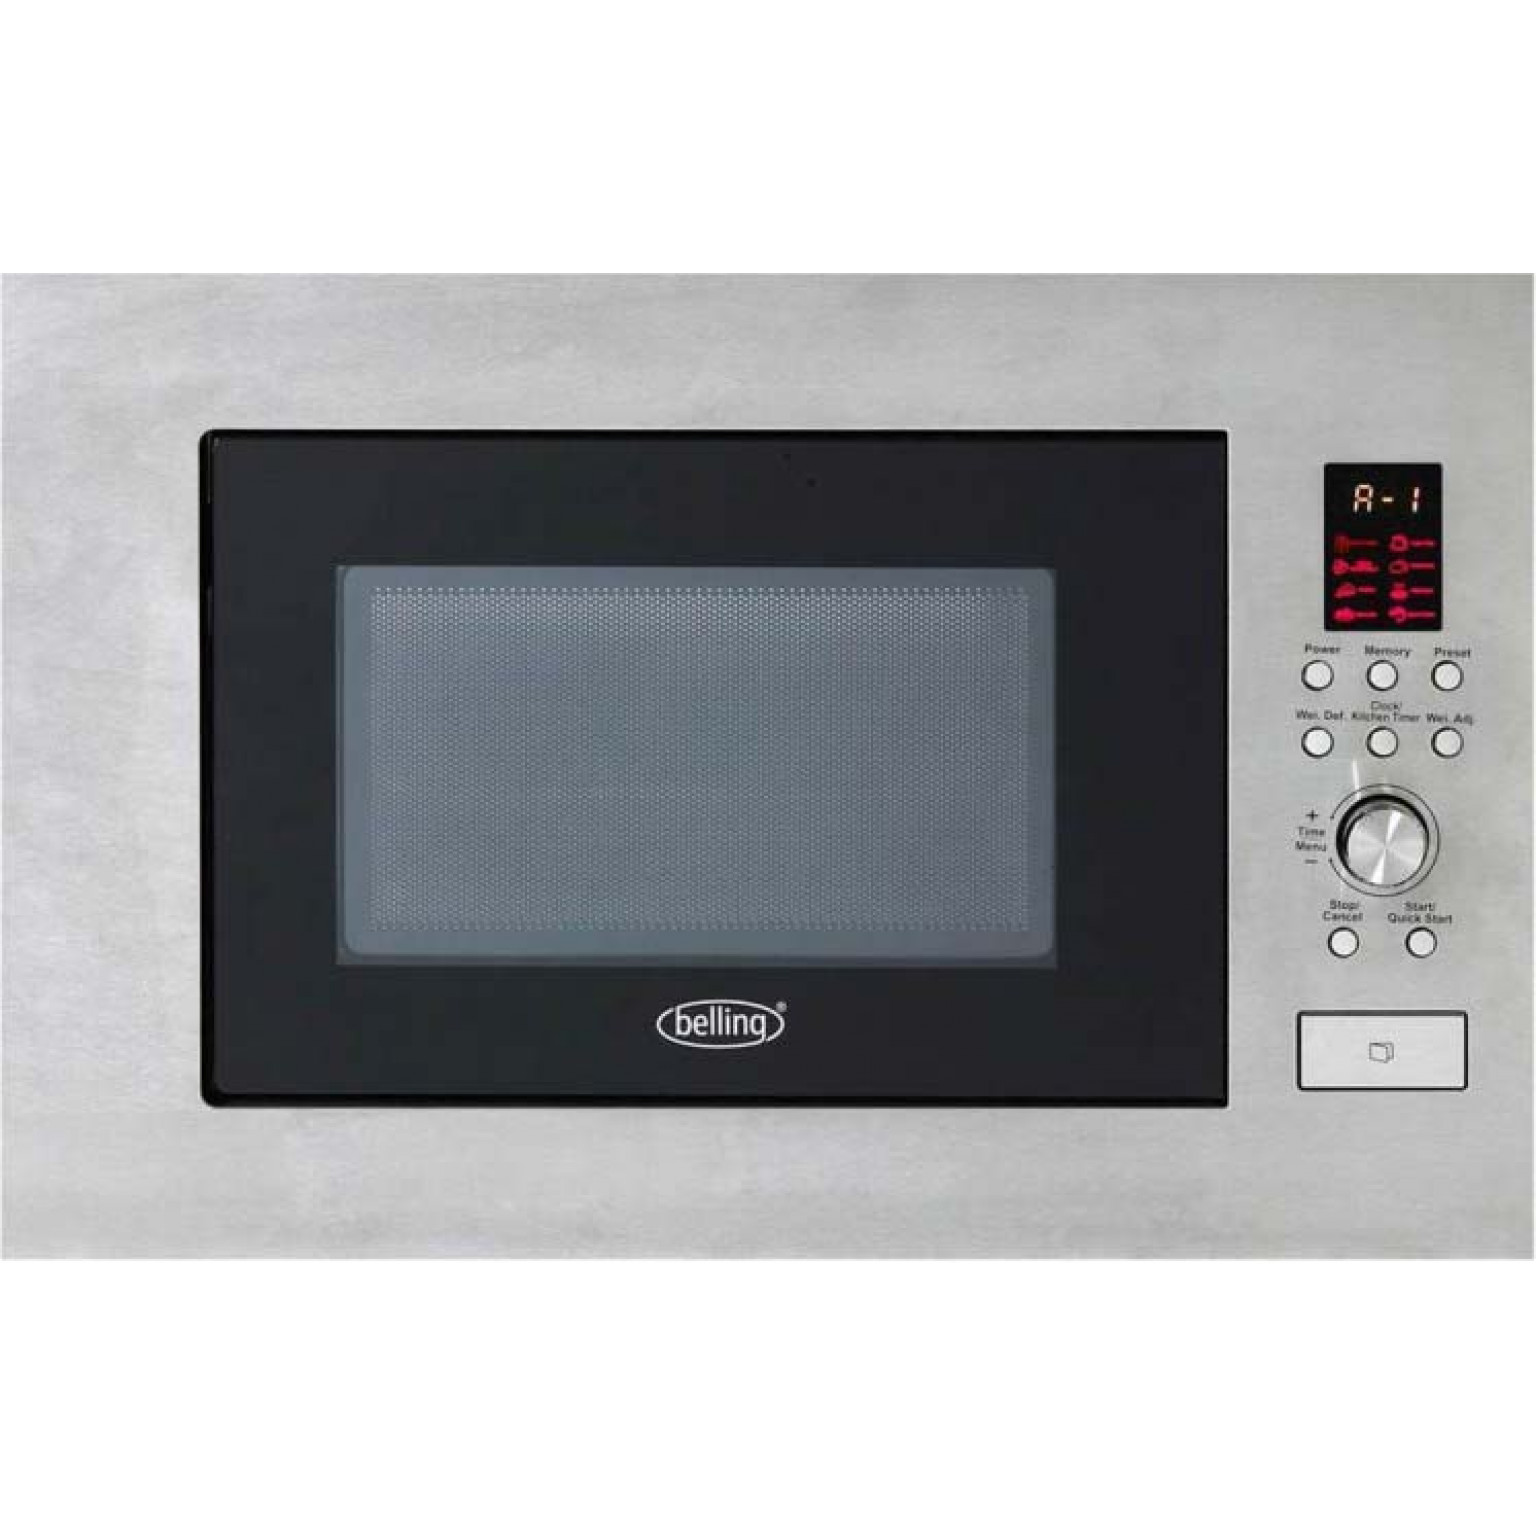 BELLING Built in microwave in stainless steel BIM60STA